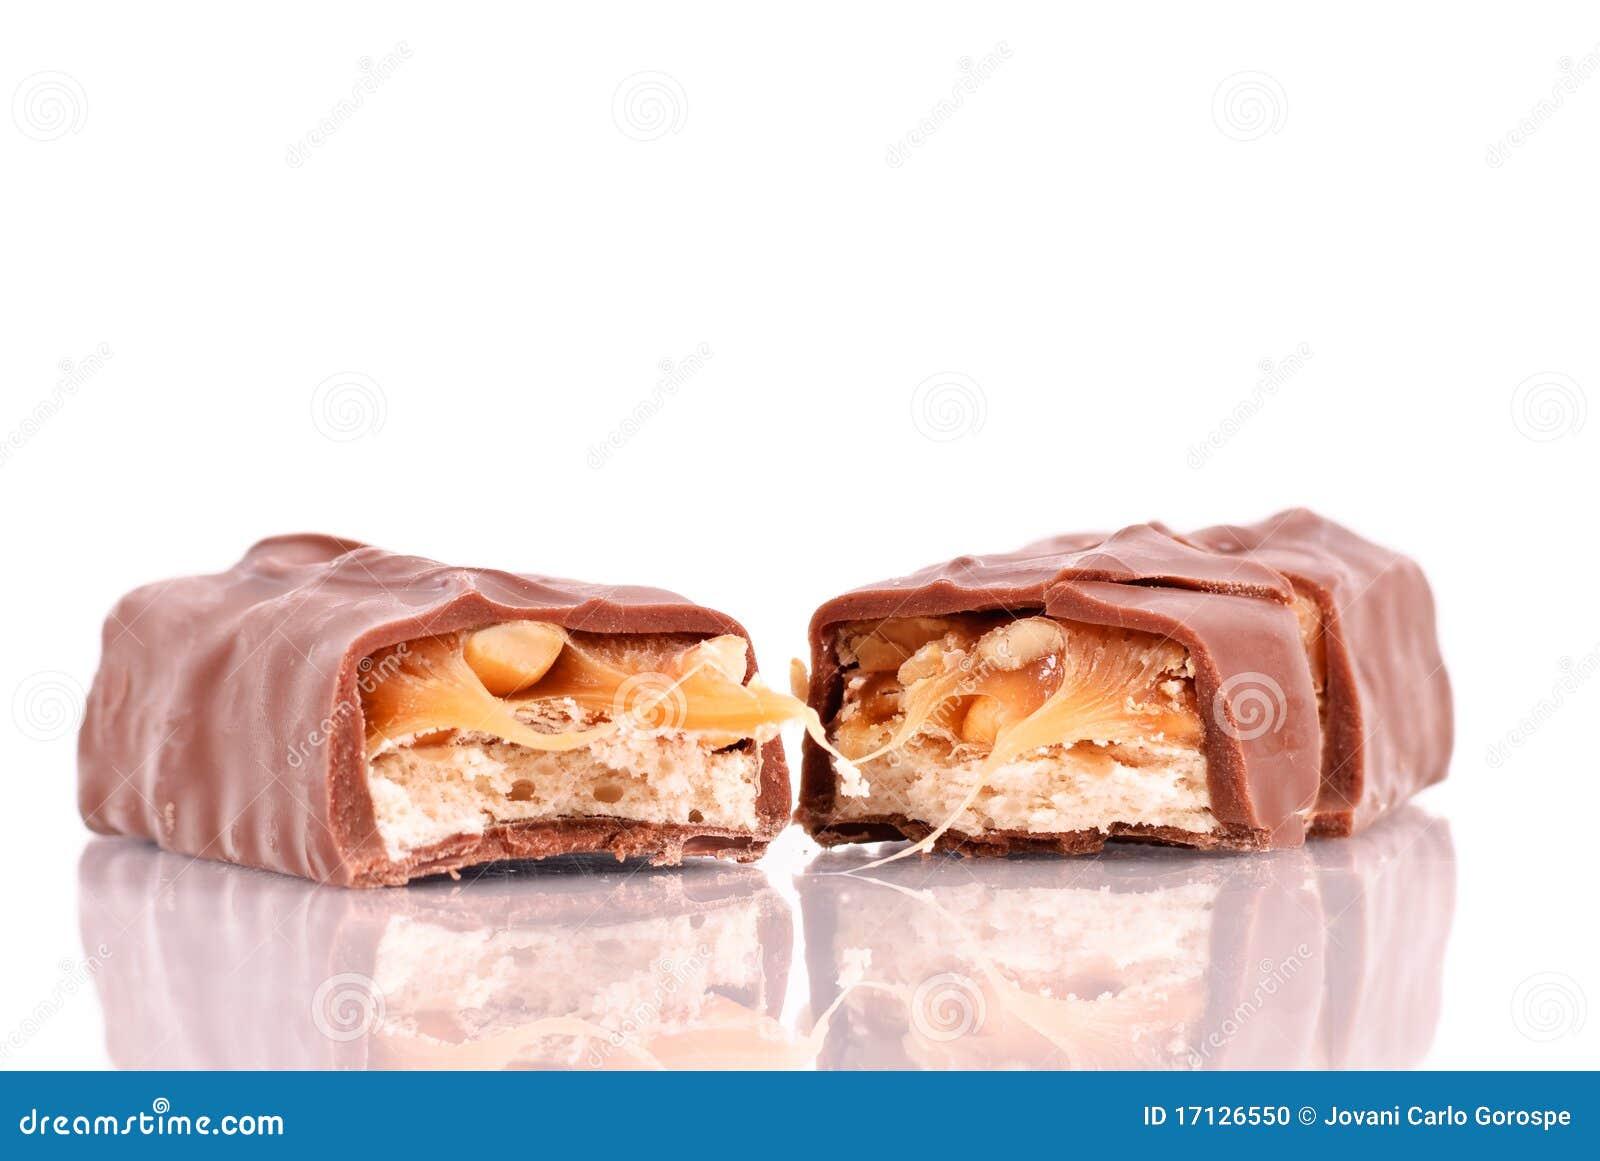 Prętowe czekoladowe połówki